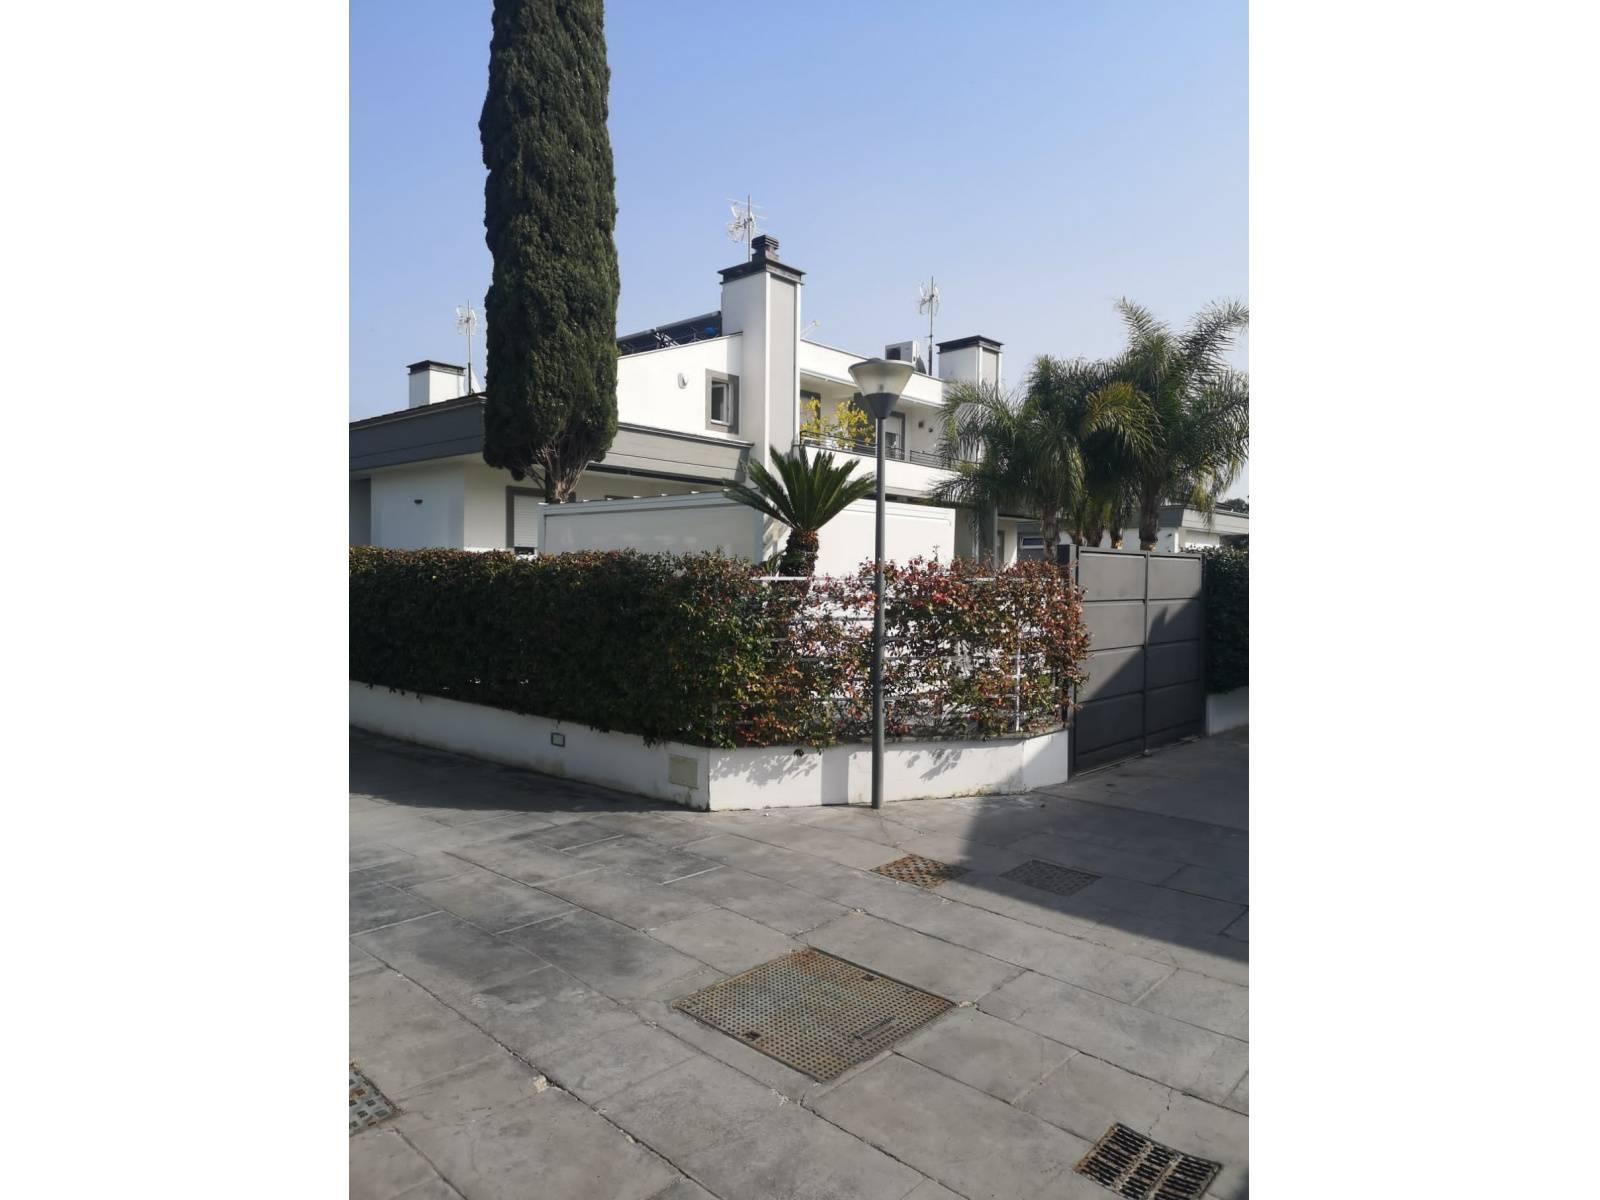 1118419453 Pentalocale in Via Antonio Scontrino, Roma, Zona Infernetto